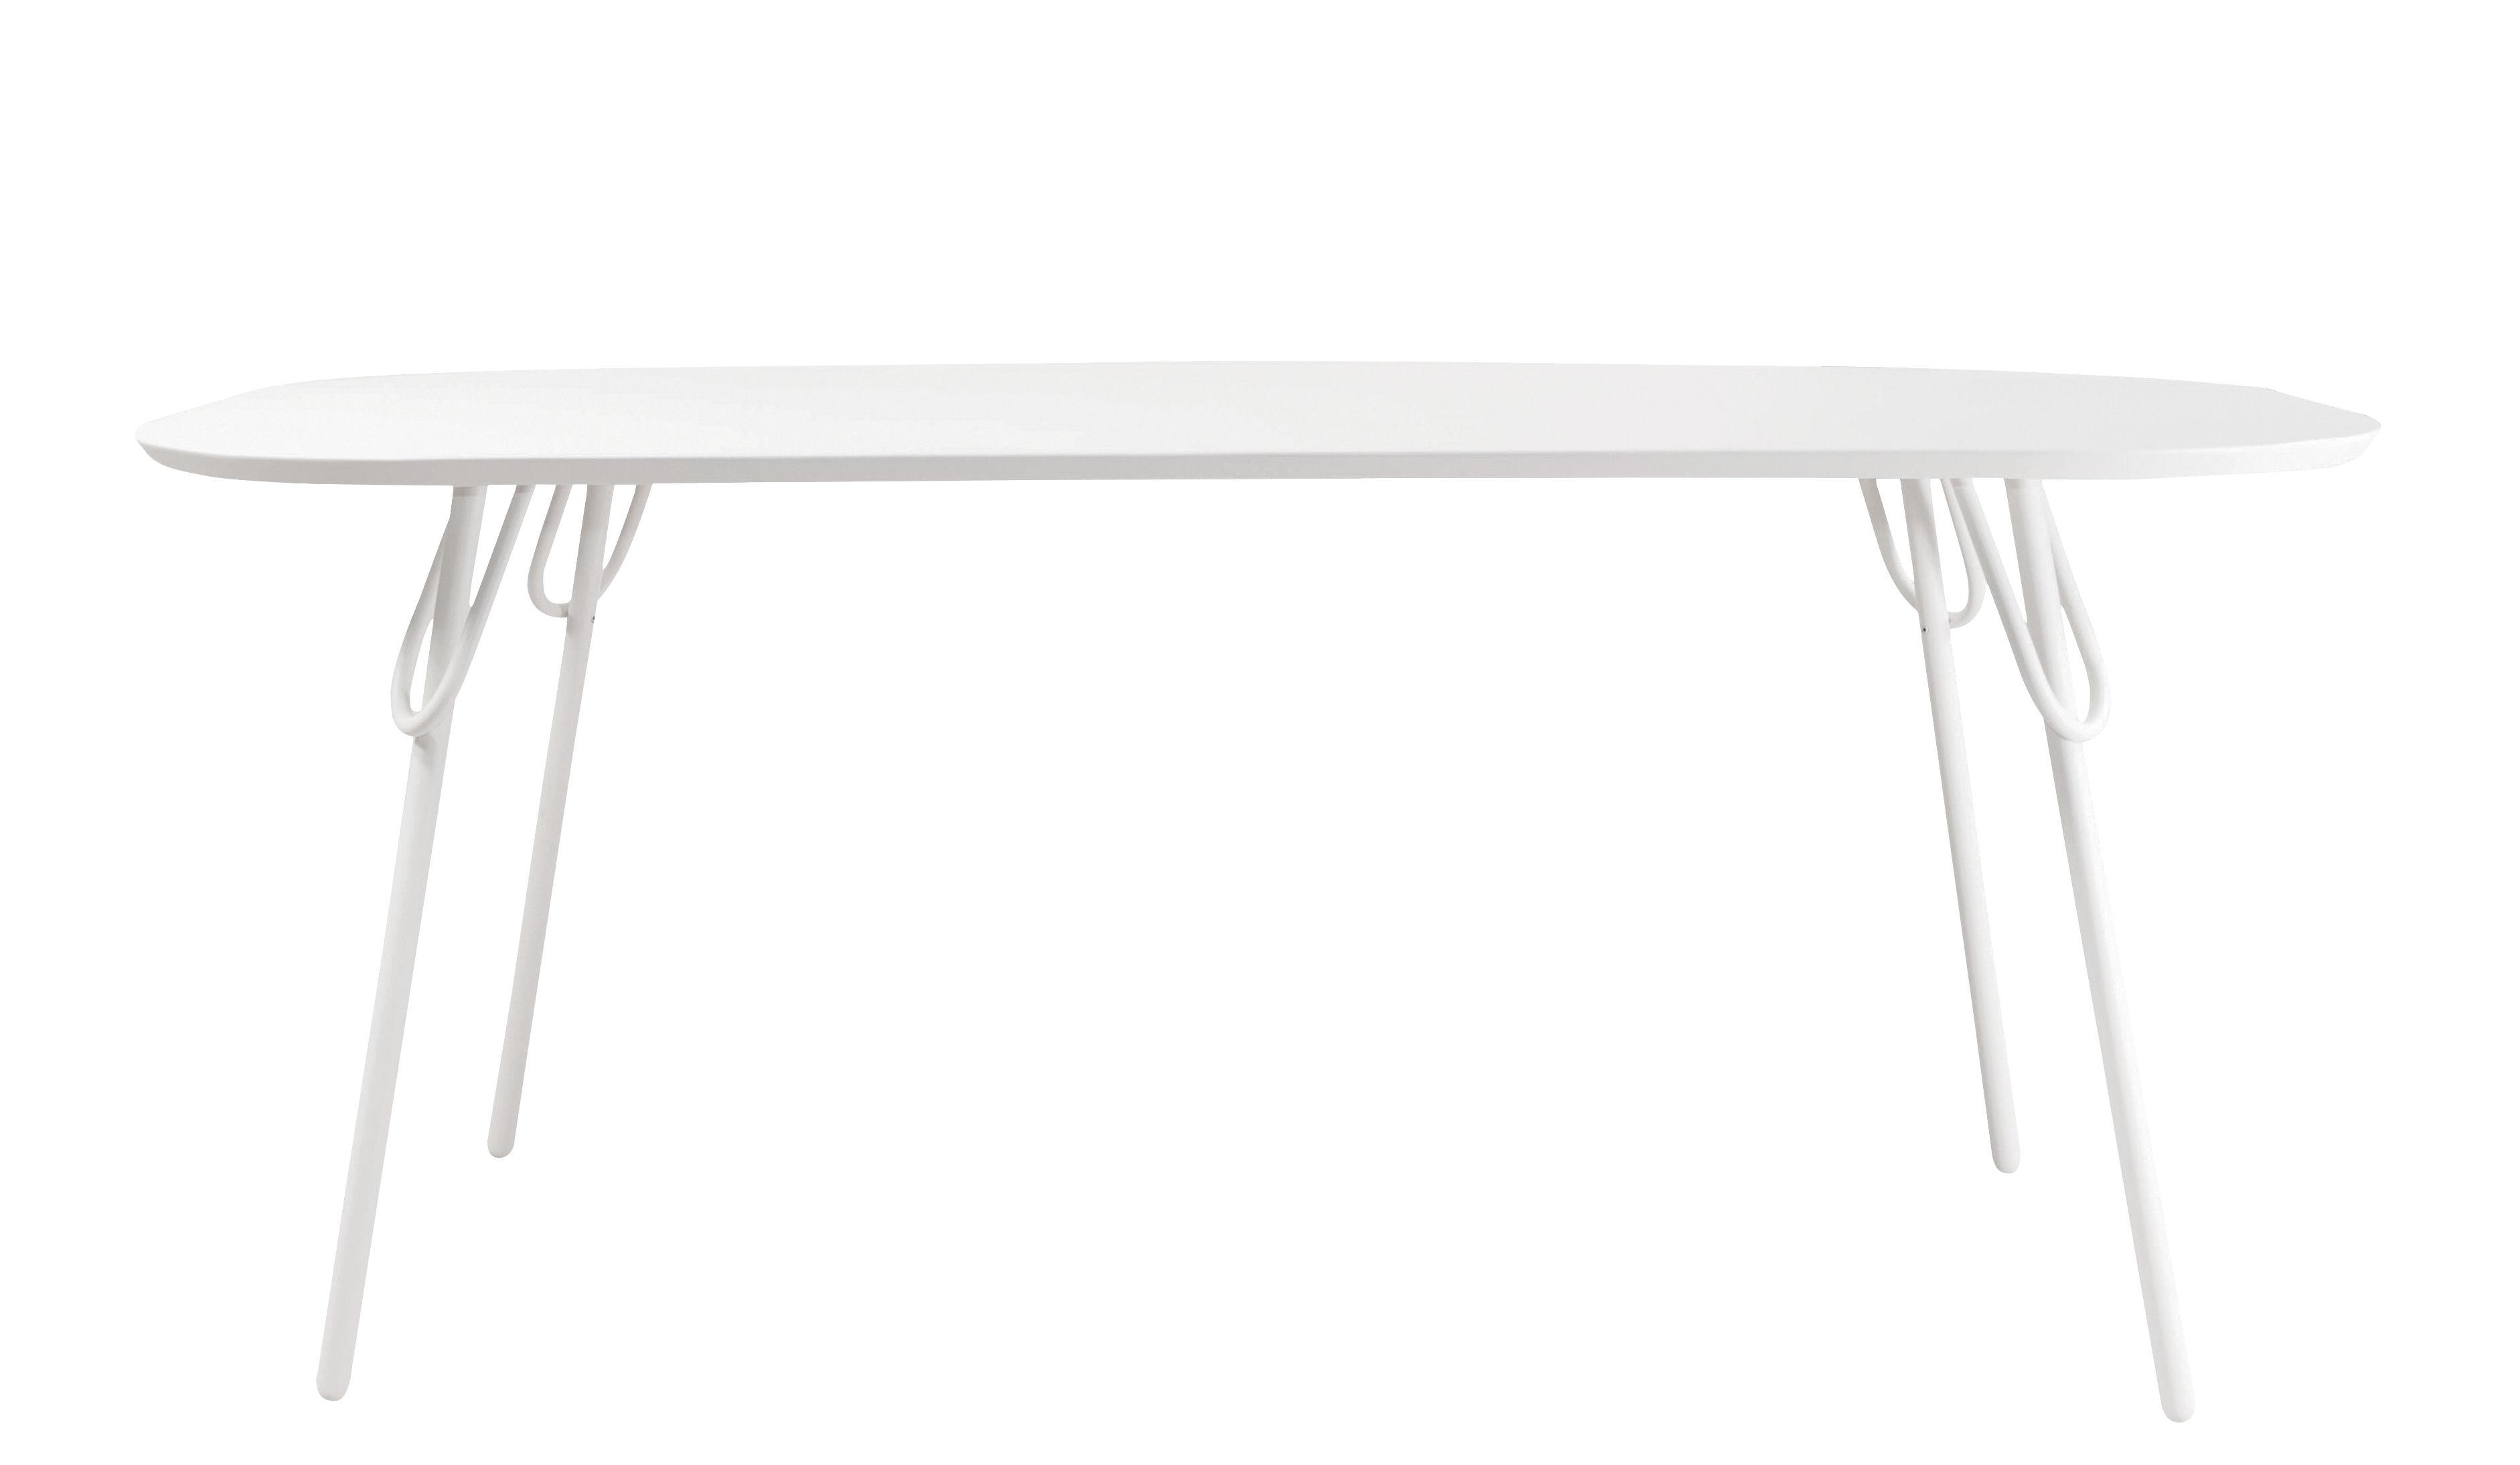 Jardin - Tables de jardin - Table rectangulaire 6 personnes Swim / Intérieur & extérieur - 180 x 95 cm - Bibelo - Blanc - Métal laqué époxy